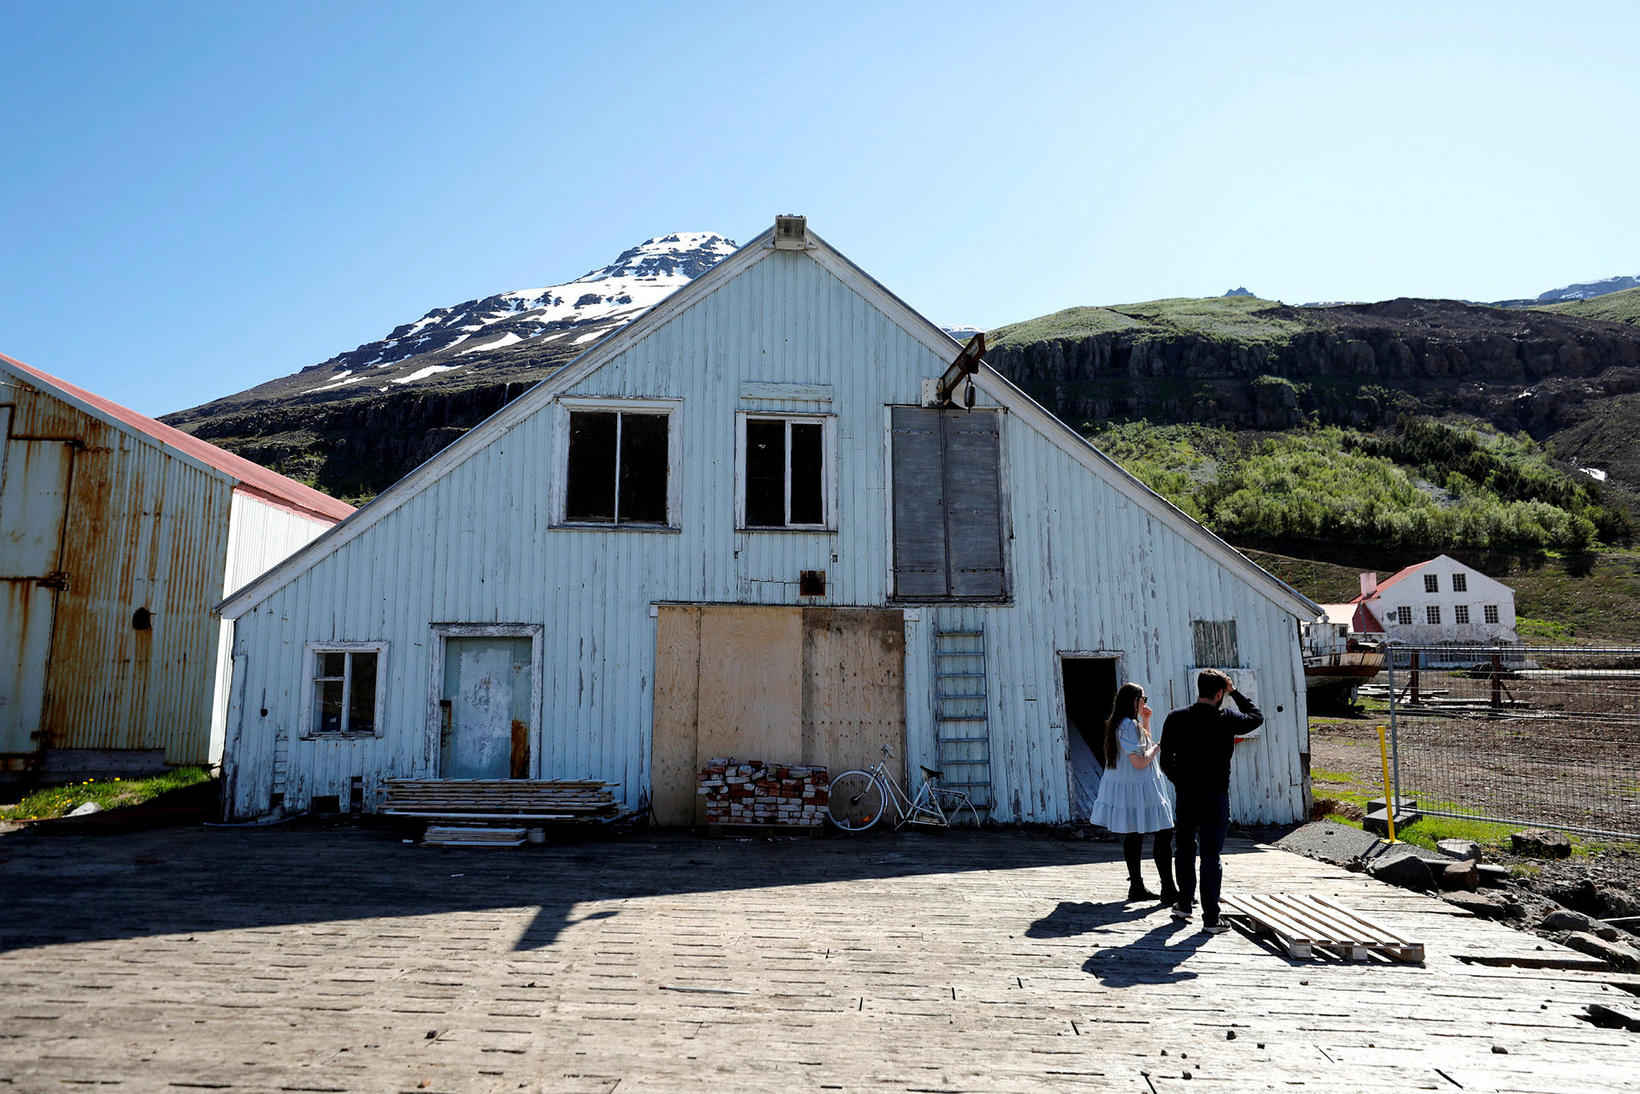 Ein skemman sem varð fyrir flóðbylgjunni.